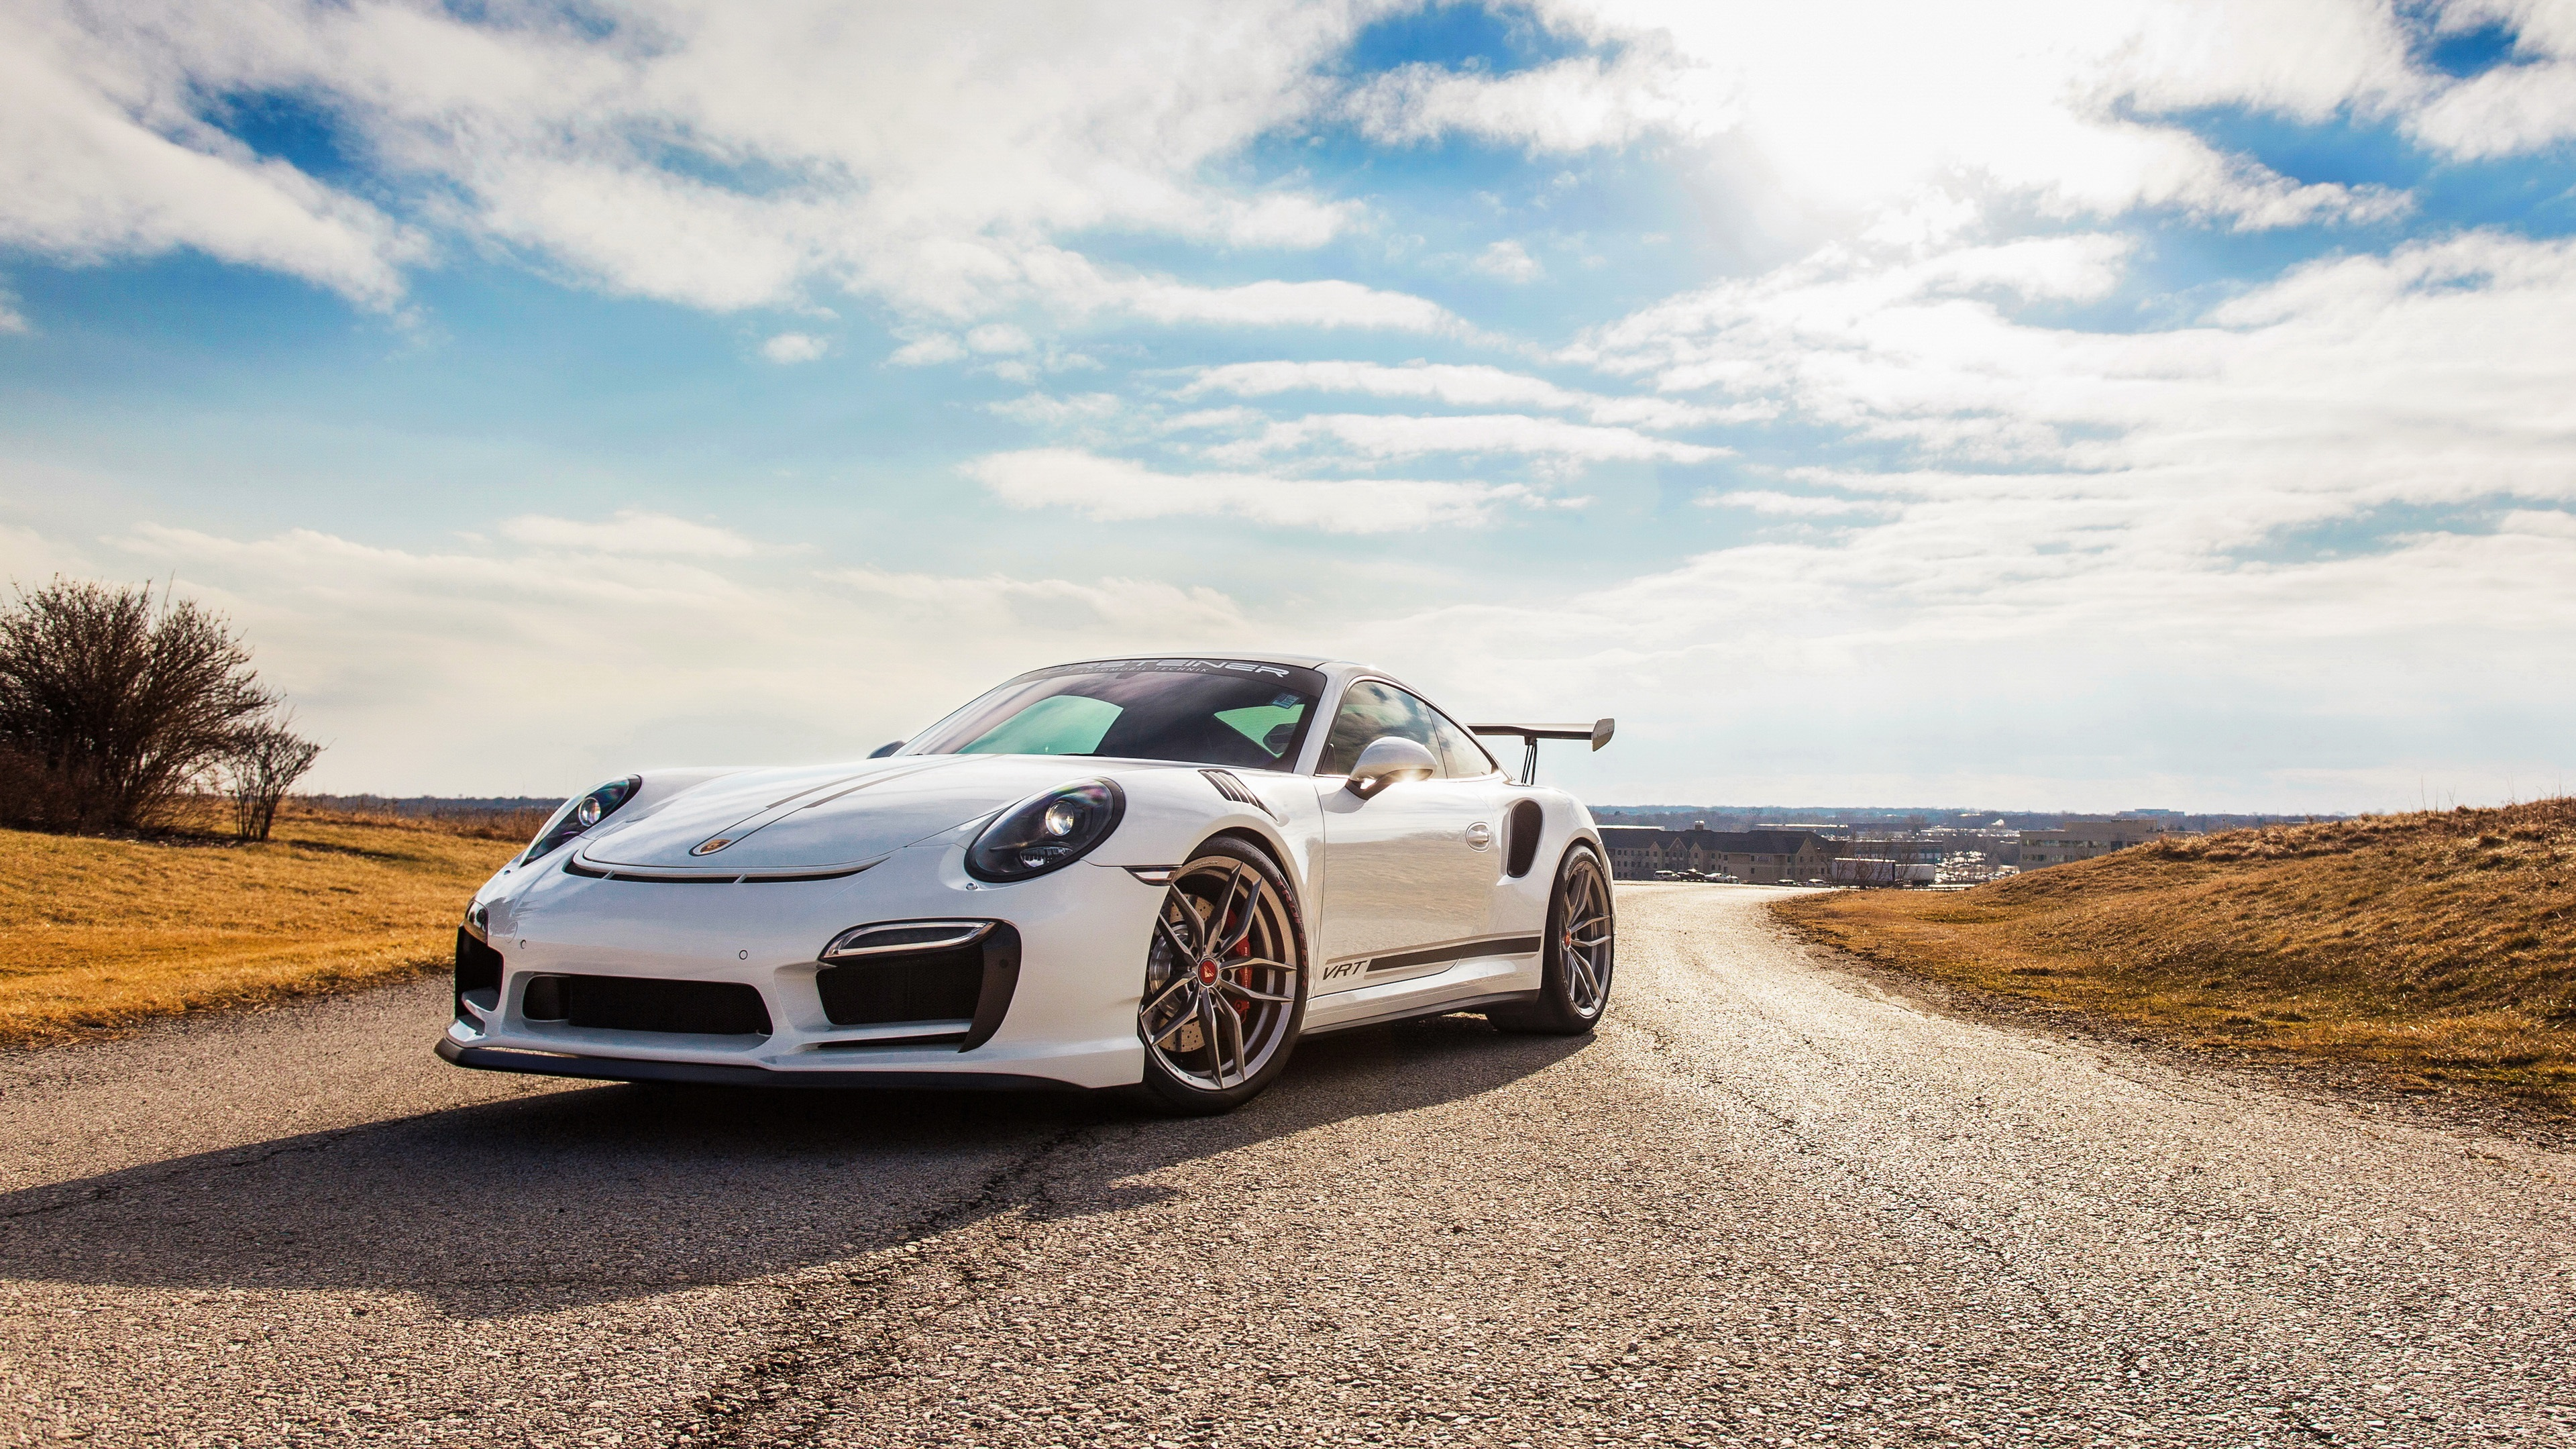 Fondos De Pantalla Porsche 911 Turbo V Rt Superdeportivo